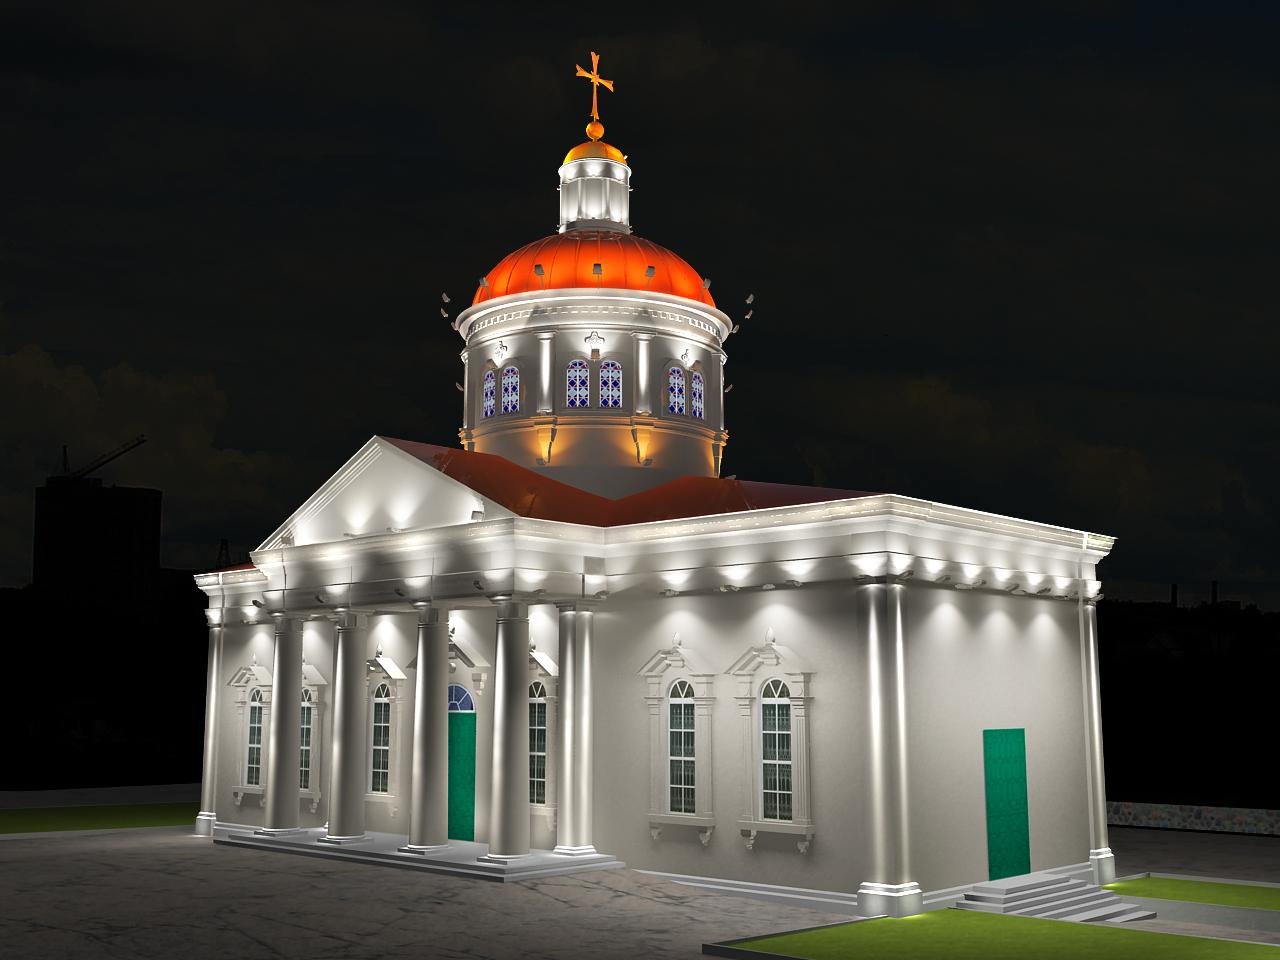 Дизайн-проект освещения комплекса Сурб-Хач в г. Ростов-на-Дону